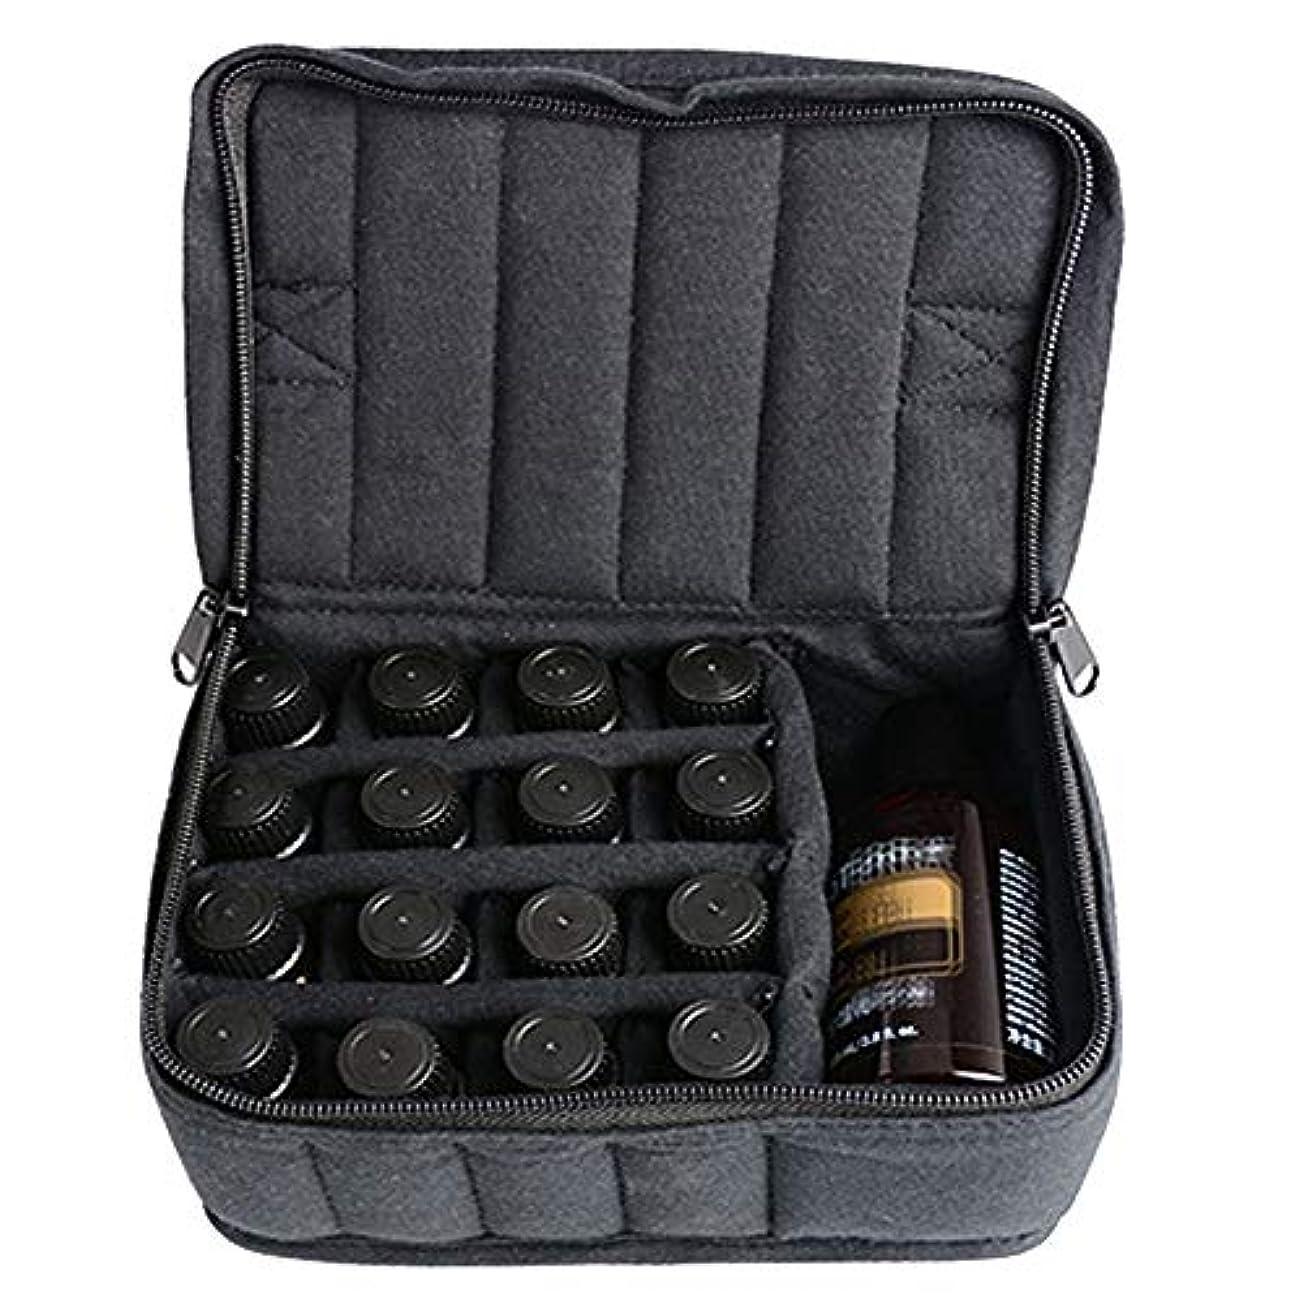 状態タウポ湖旅行代理店エッセンシャルオイルストレージボックス ソフト17本のボトルエッセンシャルオイルキャリングケースは、旅行ブラックパープルのために17本のボトル5ミリリットル/ 10ミリリットル/ 15ミリリットルを開催します 旅行および...